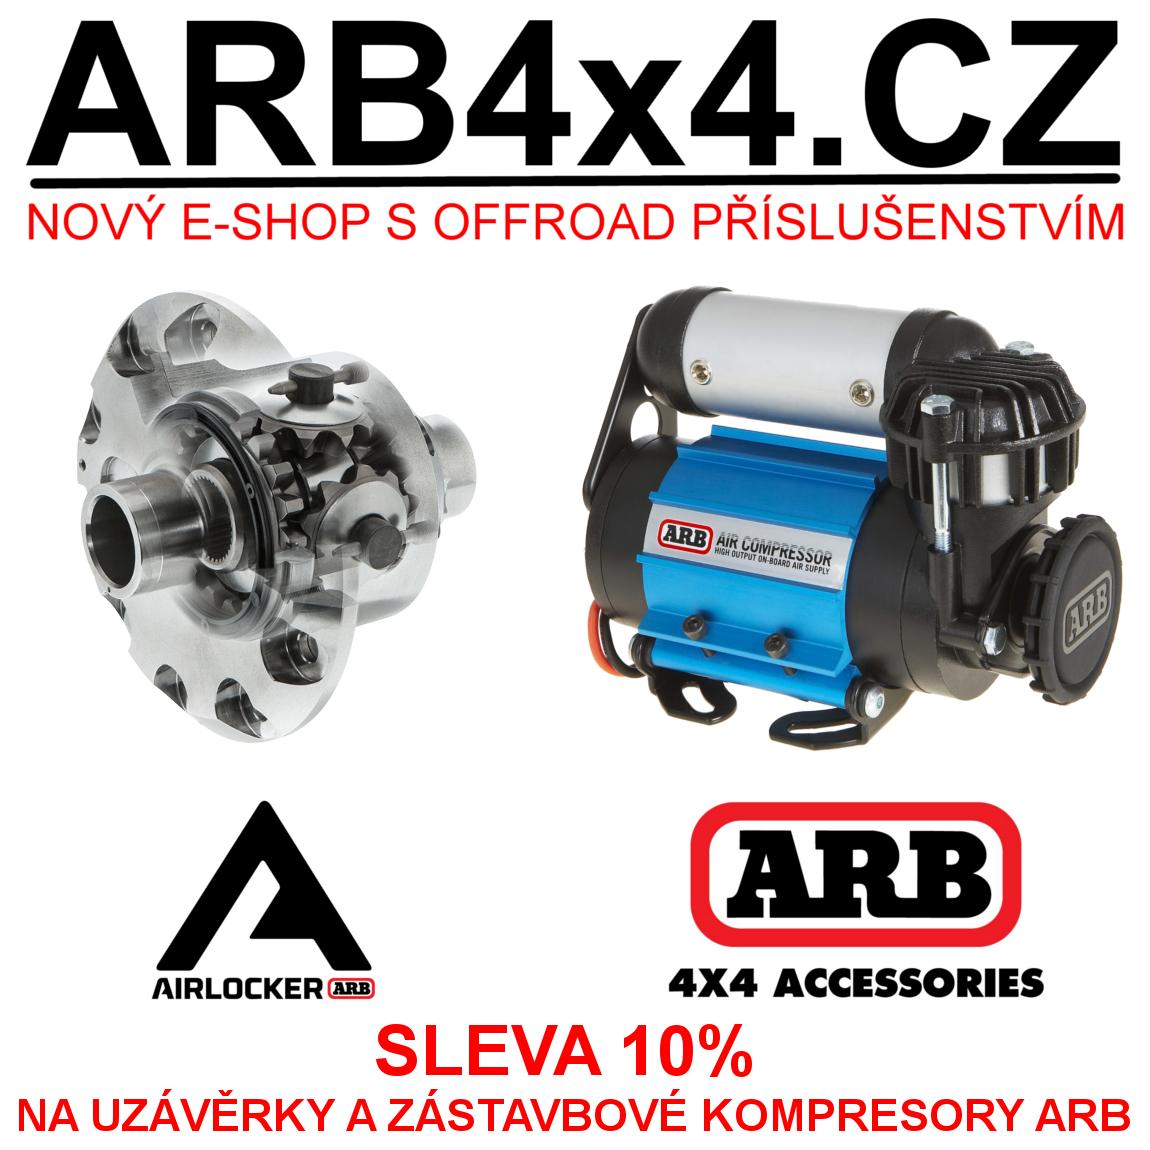 ARB uzávěrky a zástavbové kompresory do konce června se slevou 10%